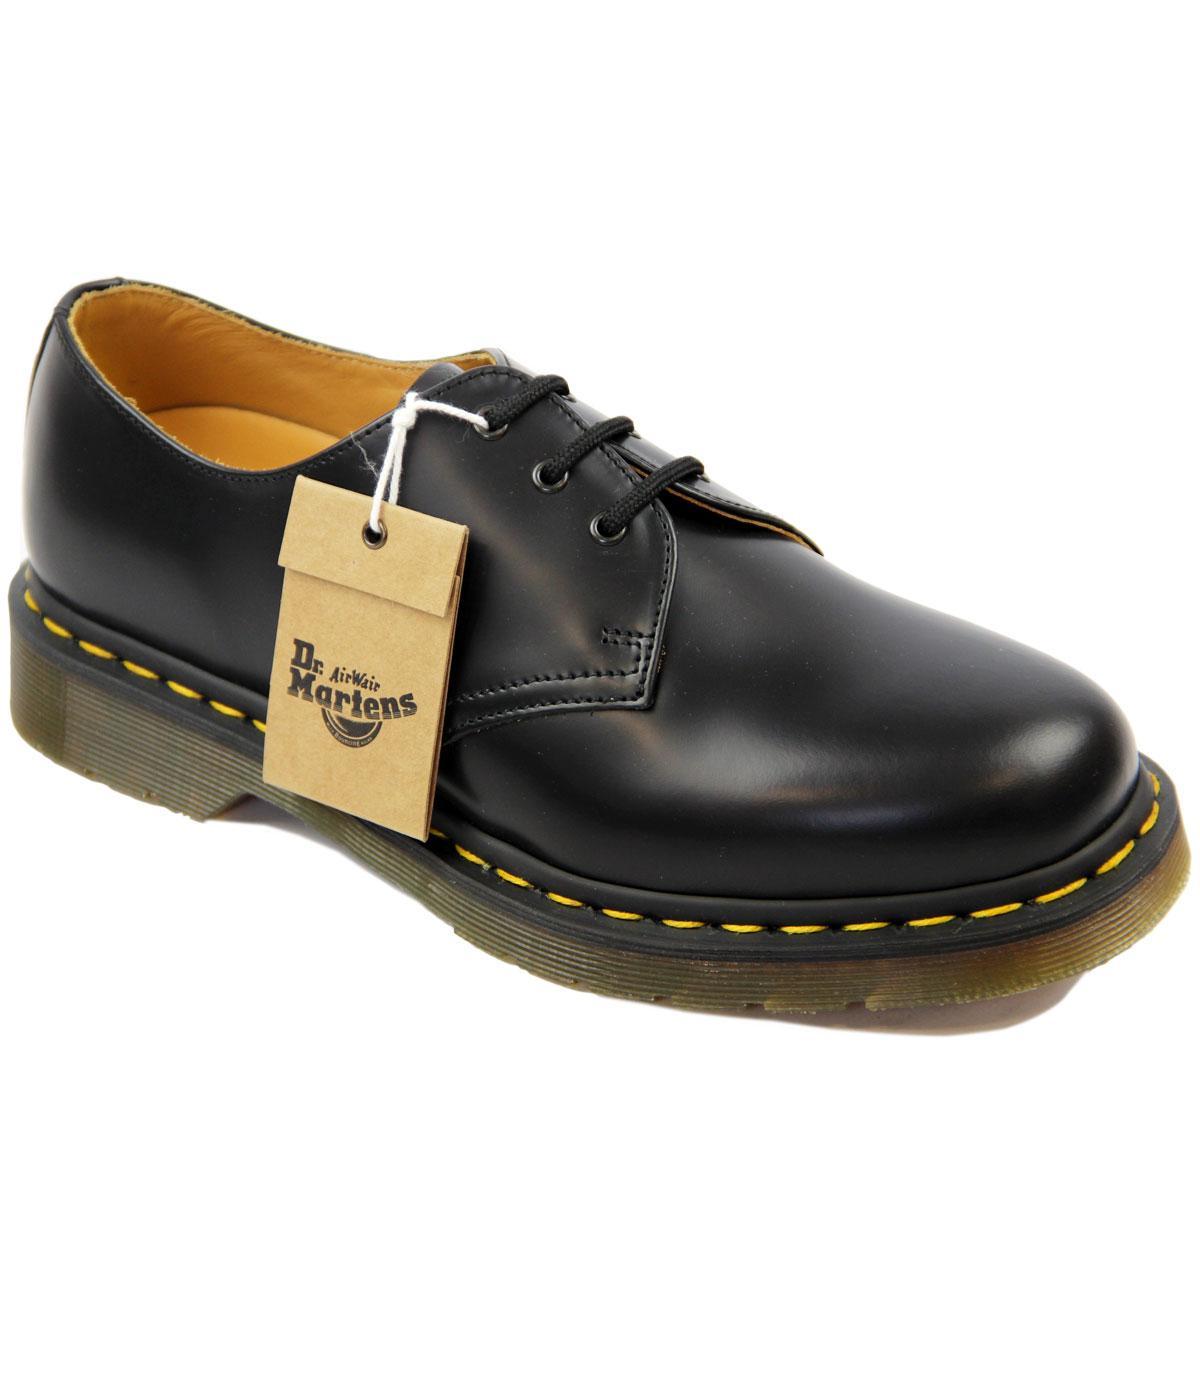 dr martens 1461 retro 60 s black leather lace up retro shoes